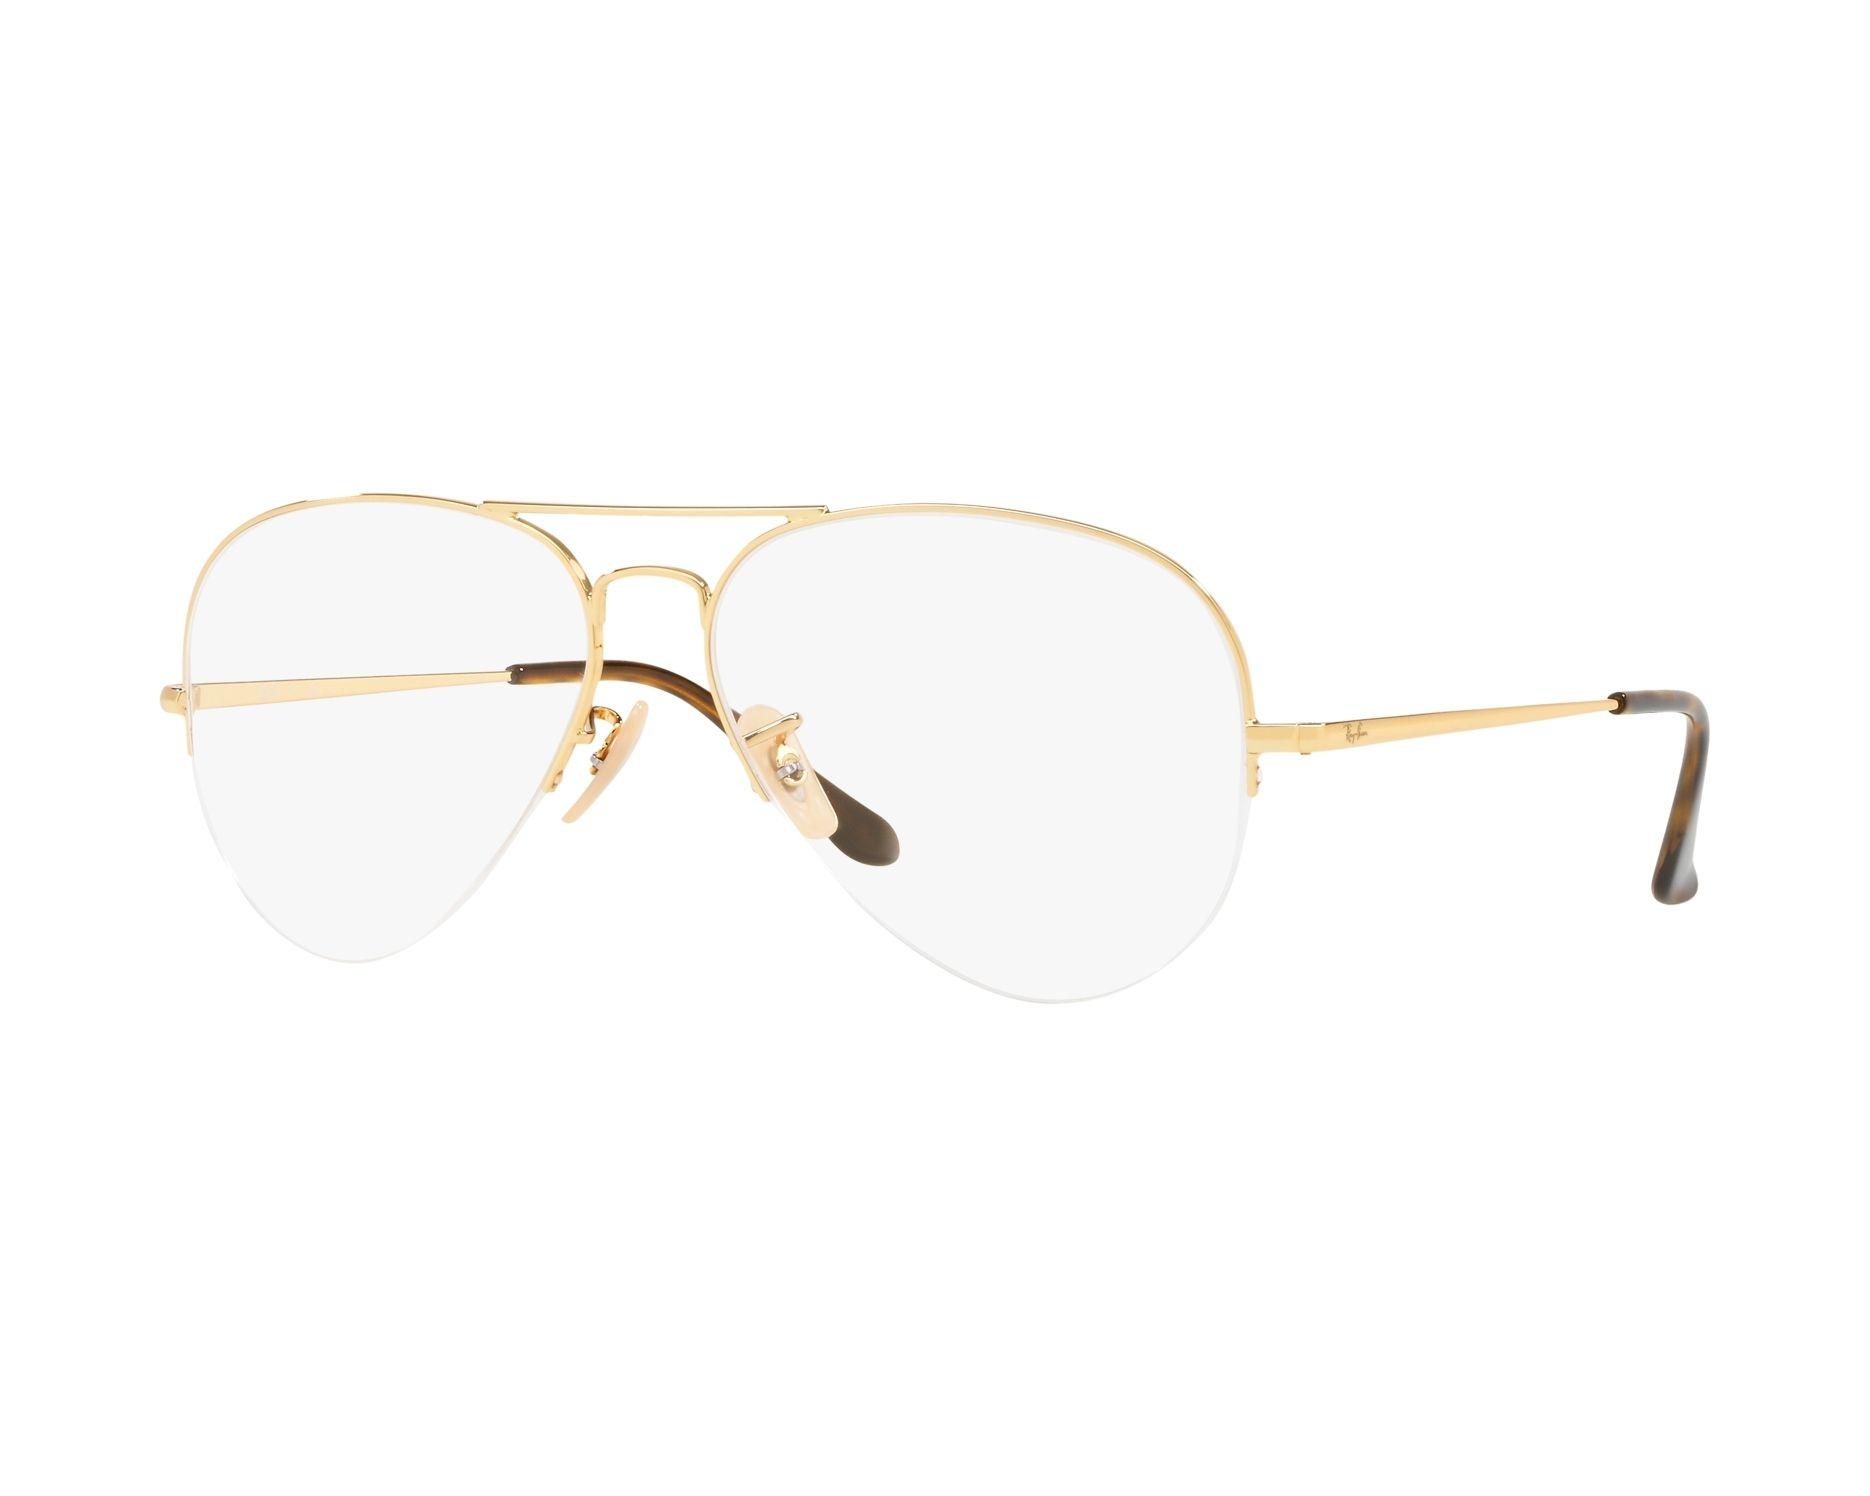 e0b3230e0ebd eyeglasses Ray-Ban RX-6589 2500 56-15 Gold